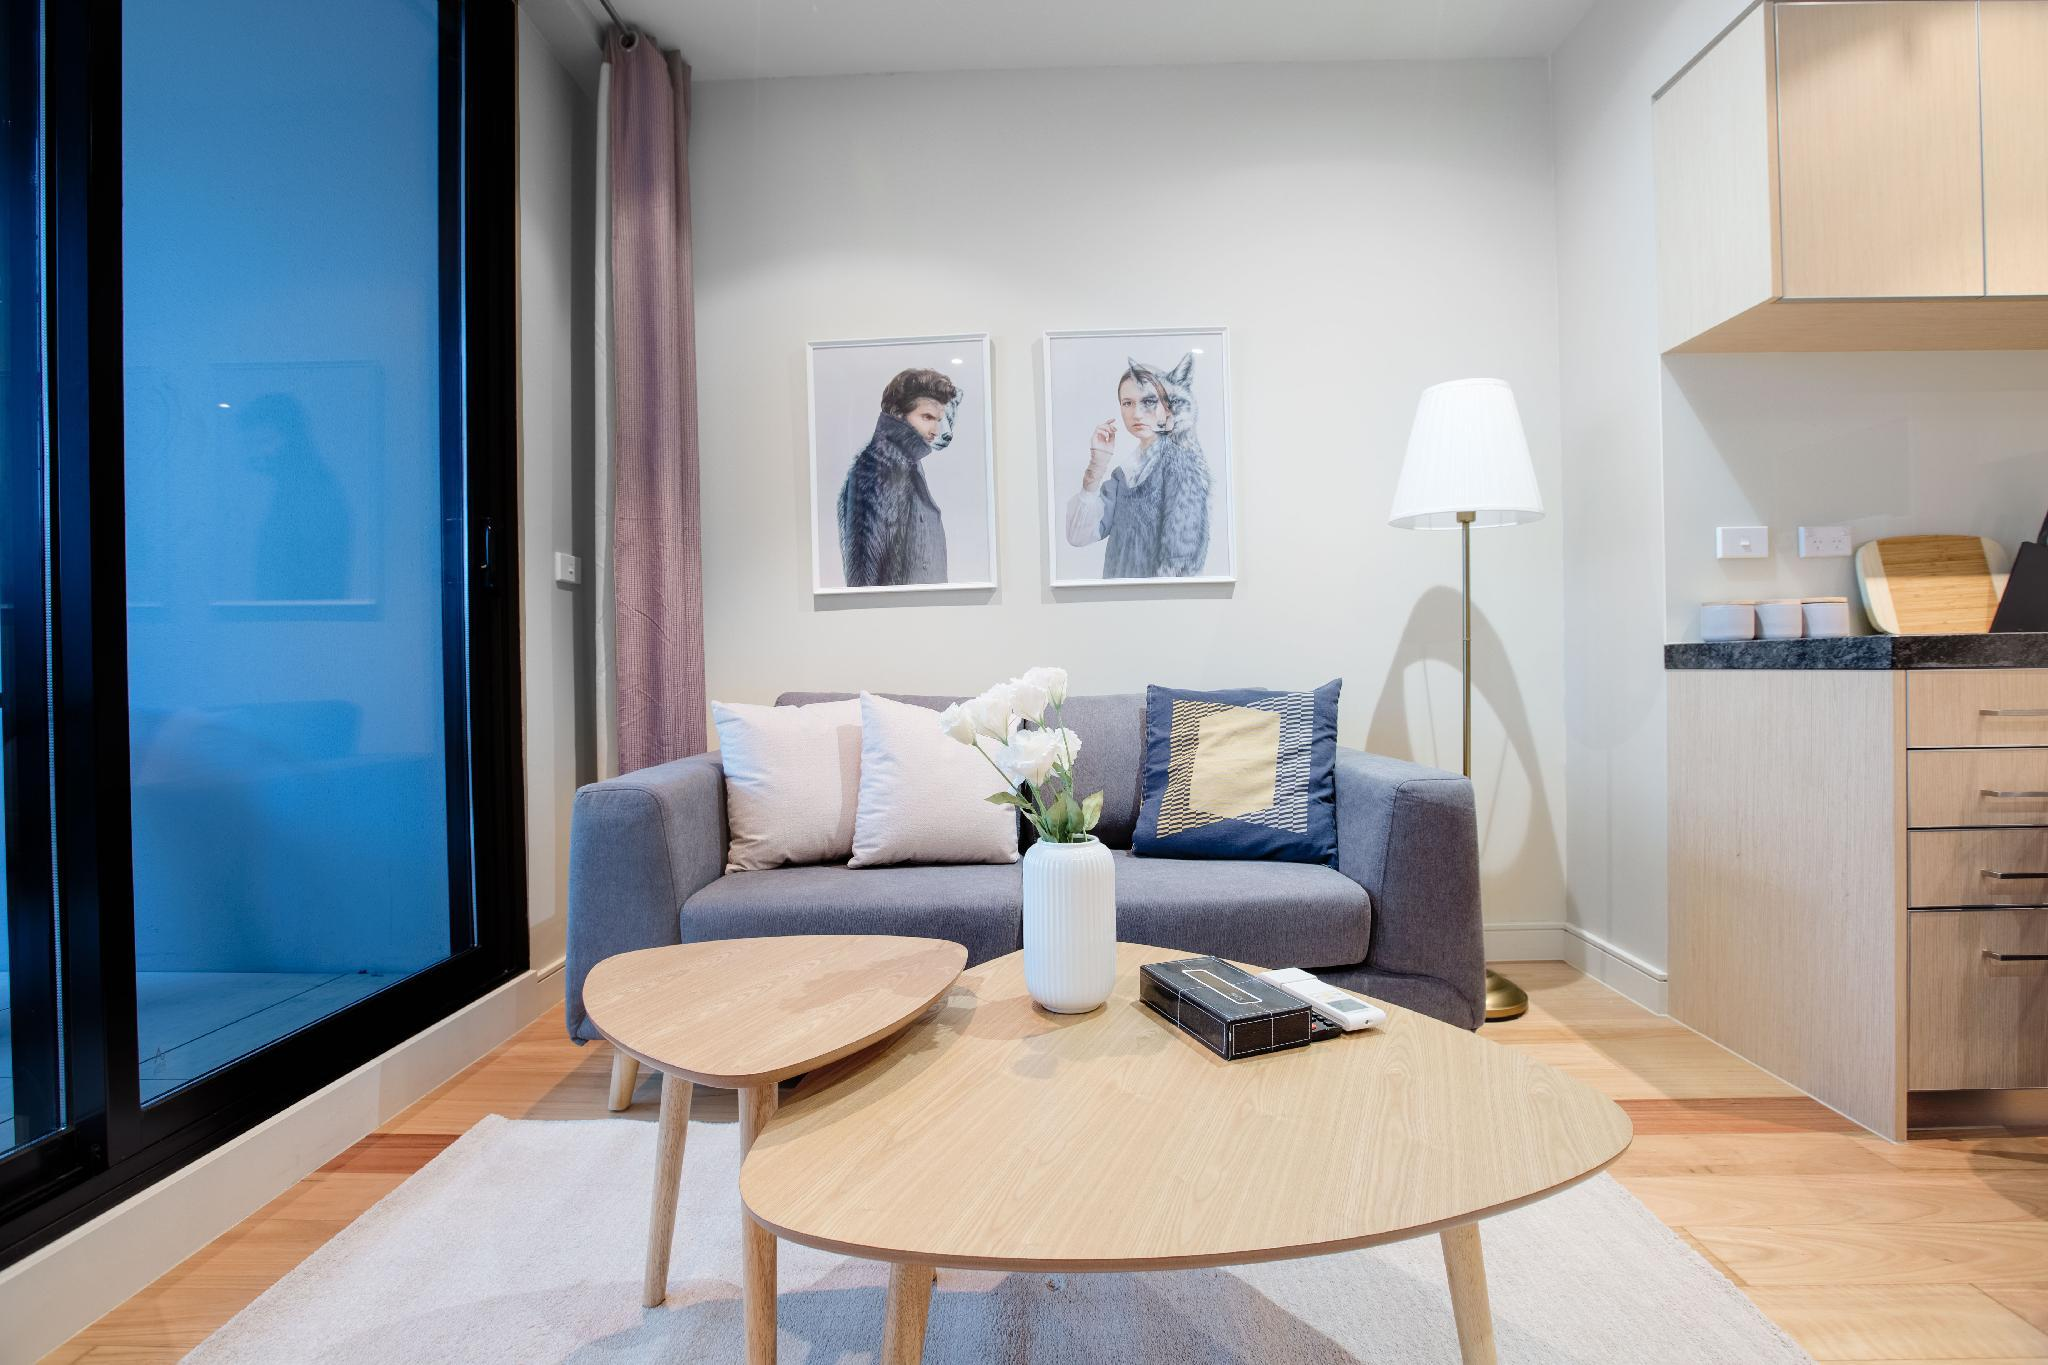 IS 920 1BR Apartment Next To Flagstaff Garden